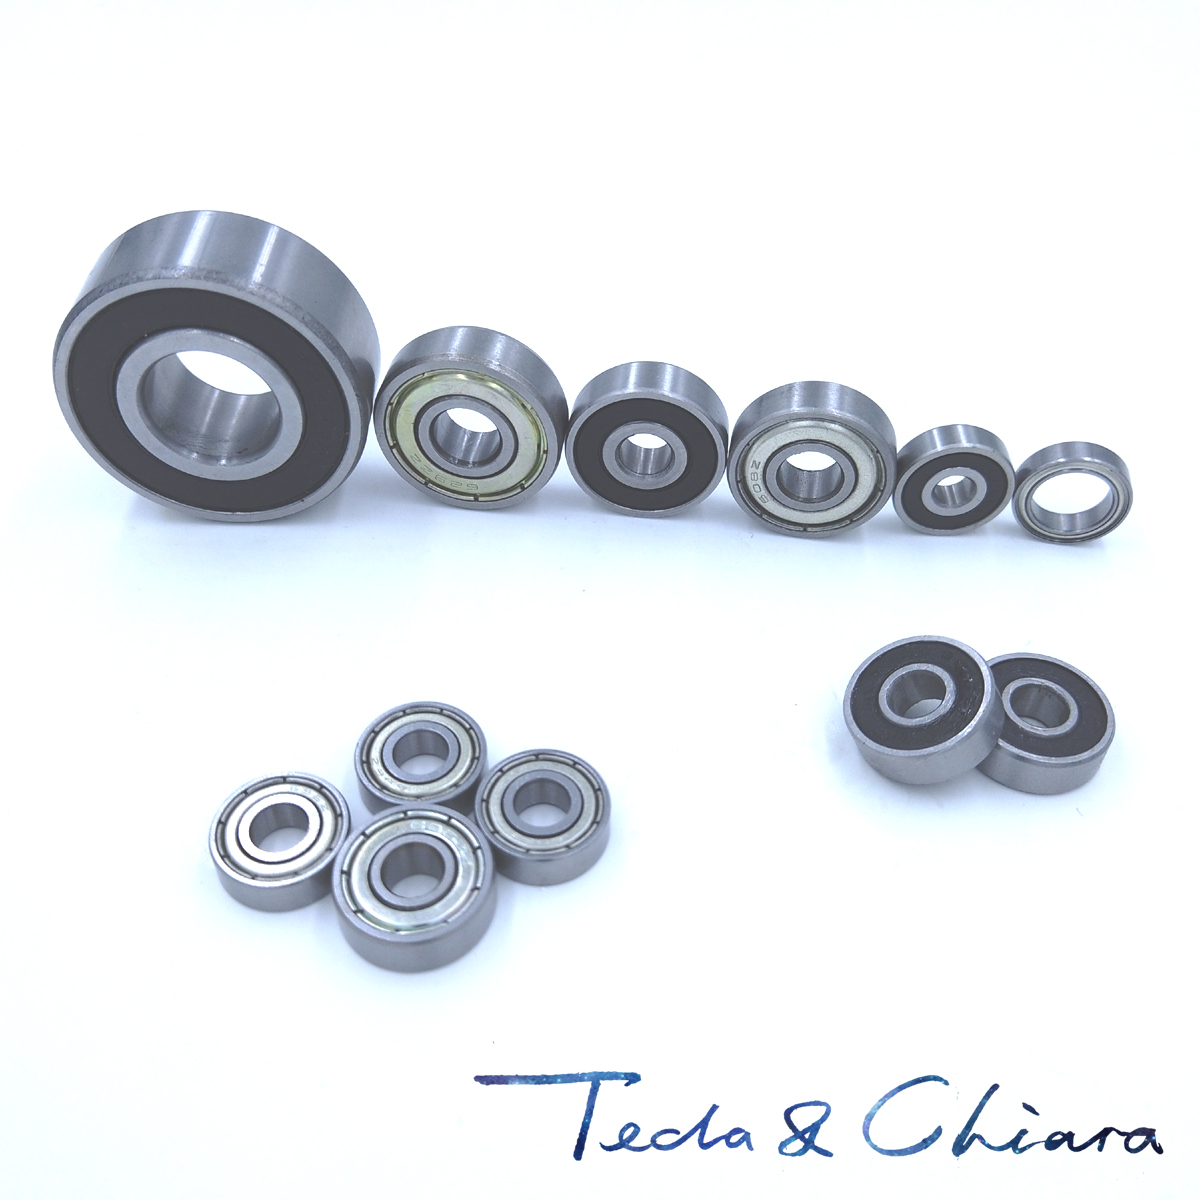 10Pcs 1Lot 698 698ZZ 698RS 698-2Z 698Z 698-2RS ZZ RS RZ 2RZ Deep Groove Ball Bearings 8 X 19 X 6mm